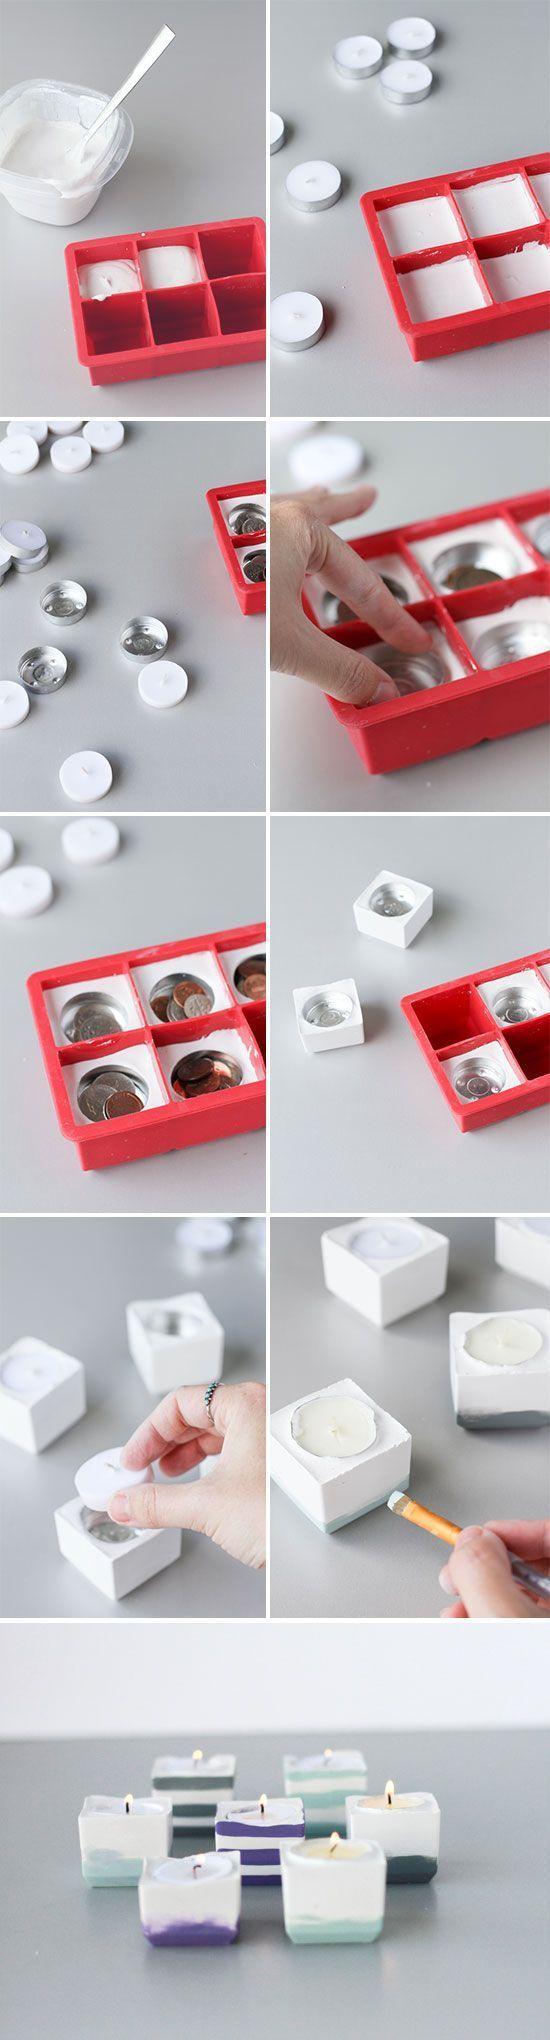 Porta velas hechas de hormigón en una bandeja de cubitos de hielo   -   Crazy cool concrete votives, made with silicone ice cube trays! DIY